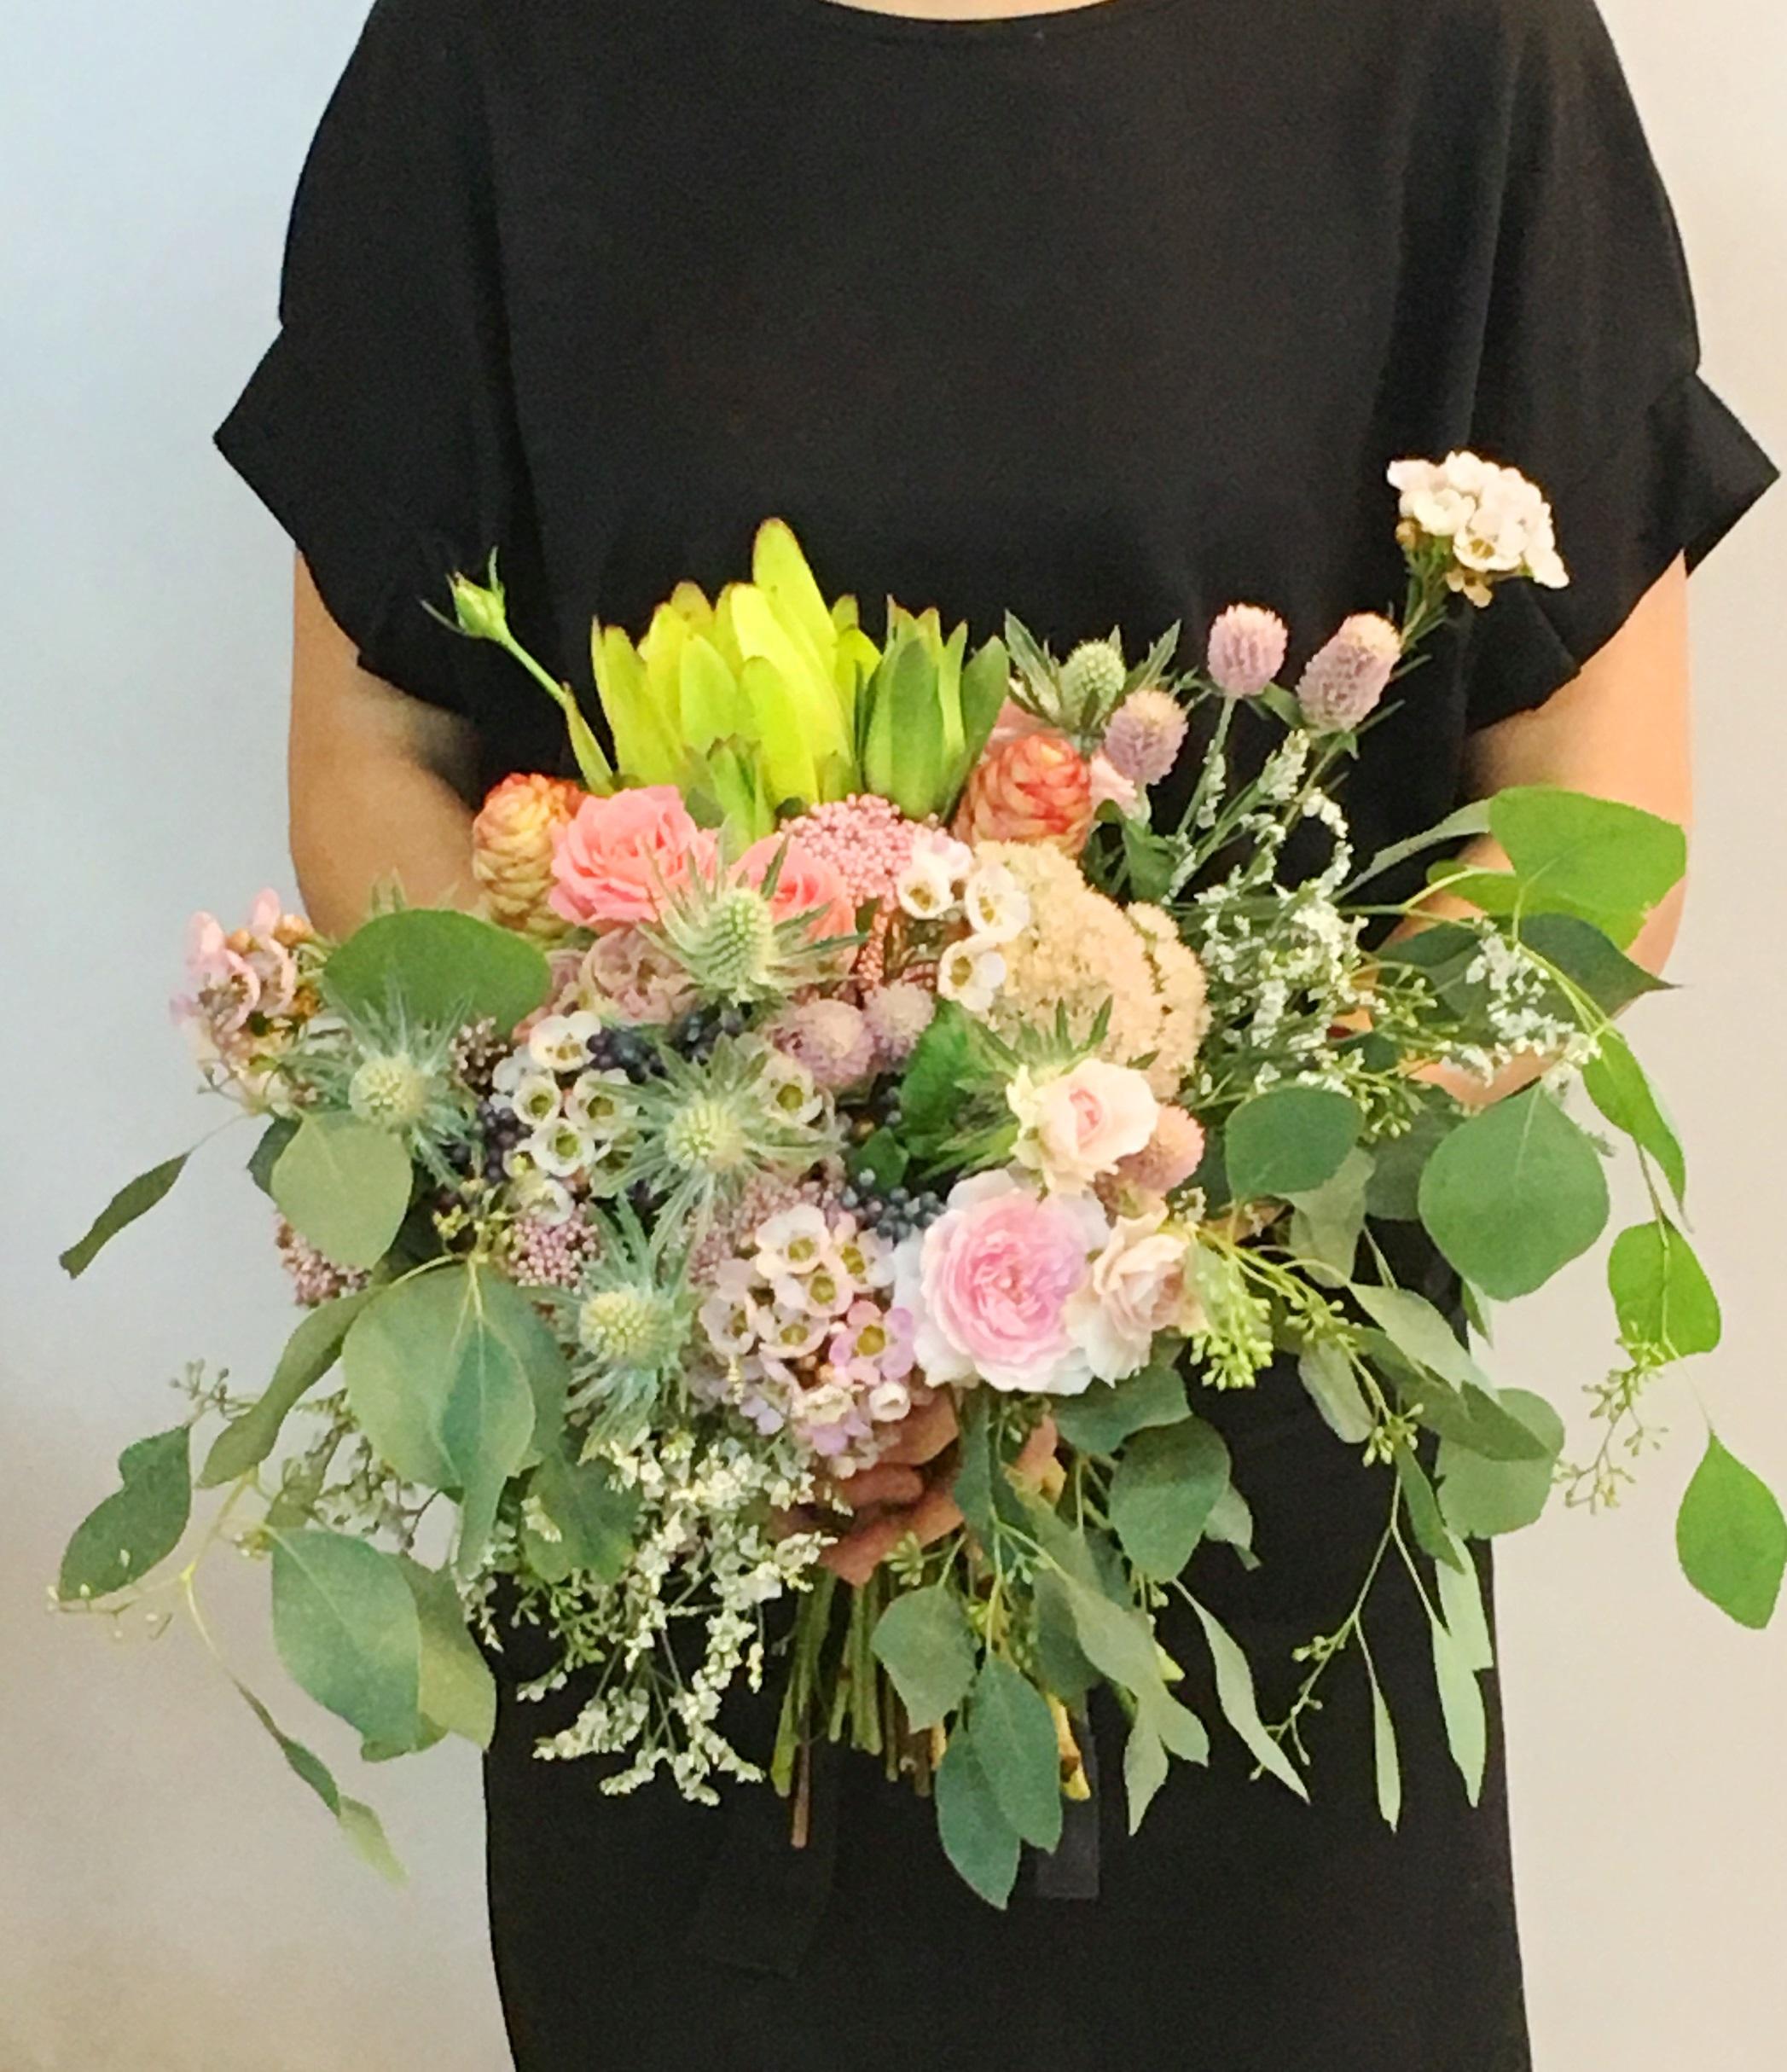 【ナオ花屋の納品事例135】横浜市西区南幸へカスミソウ花束を配達しました!